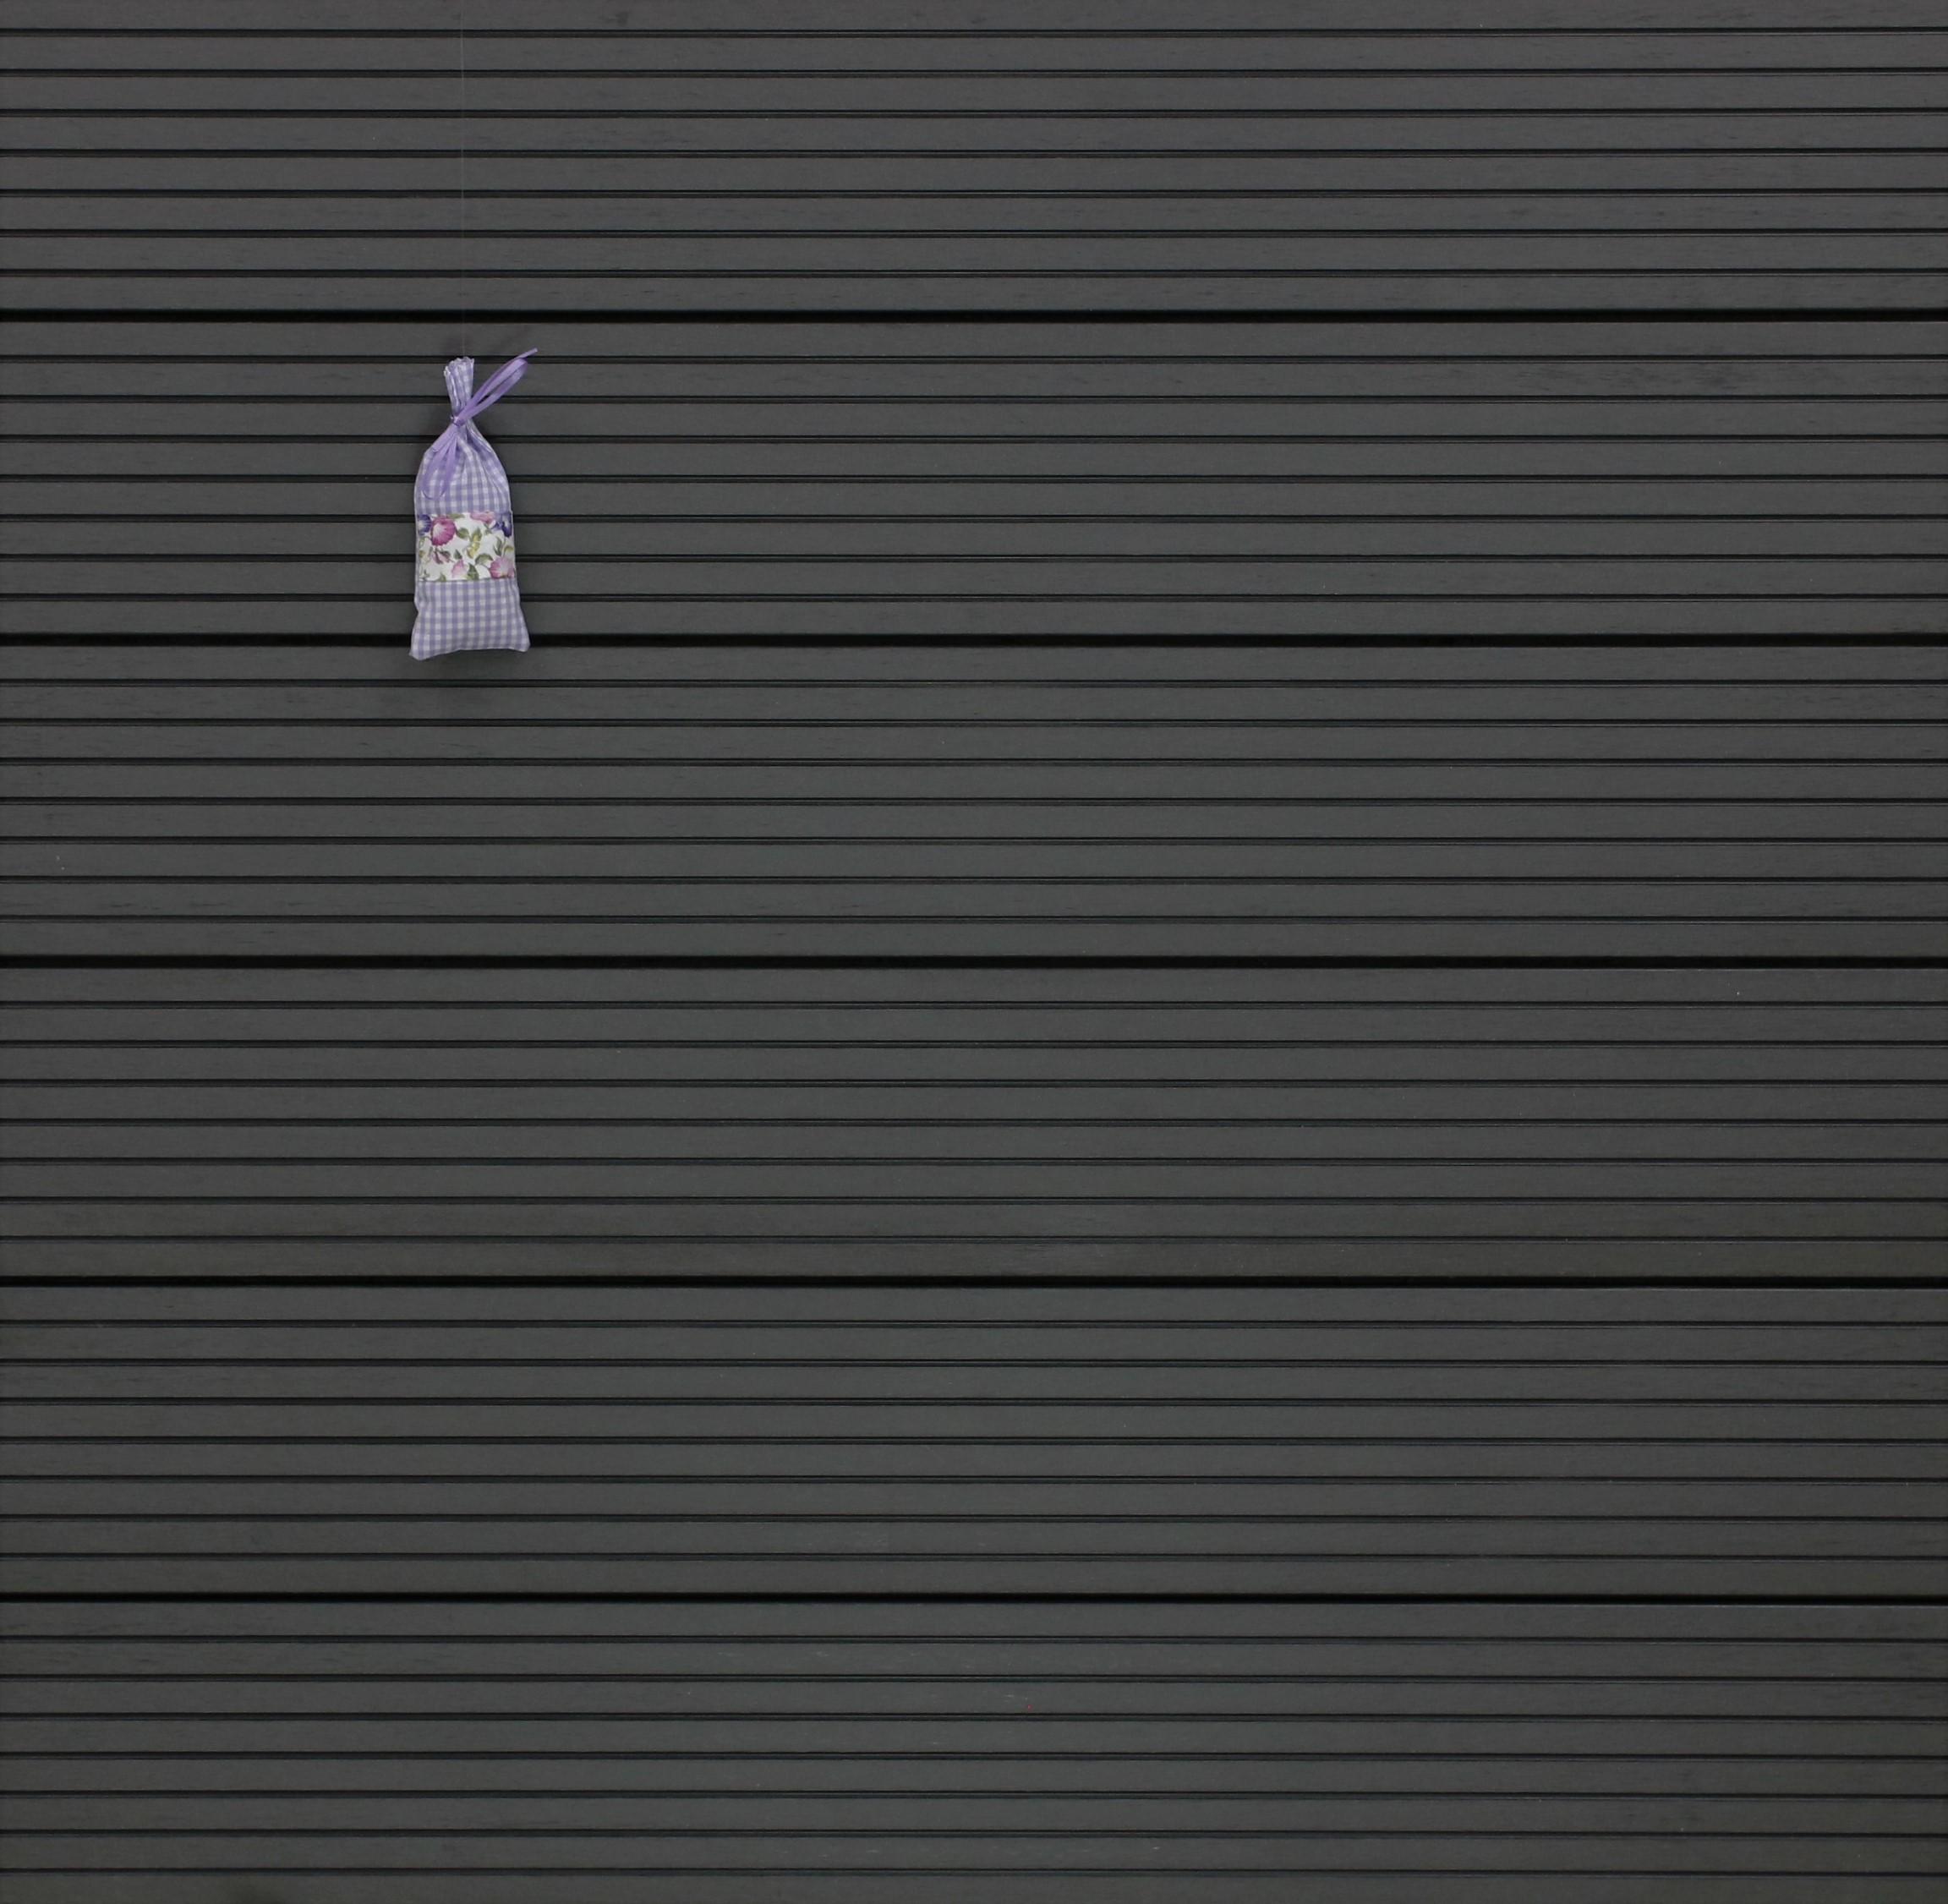 WPC Terrassendielen massiv, dunkelgrau, grob genutet, 22 x 143 bis 4800 mm, Vollprofil für 8,95 €/lfm